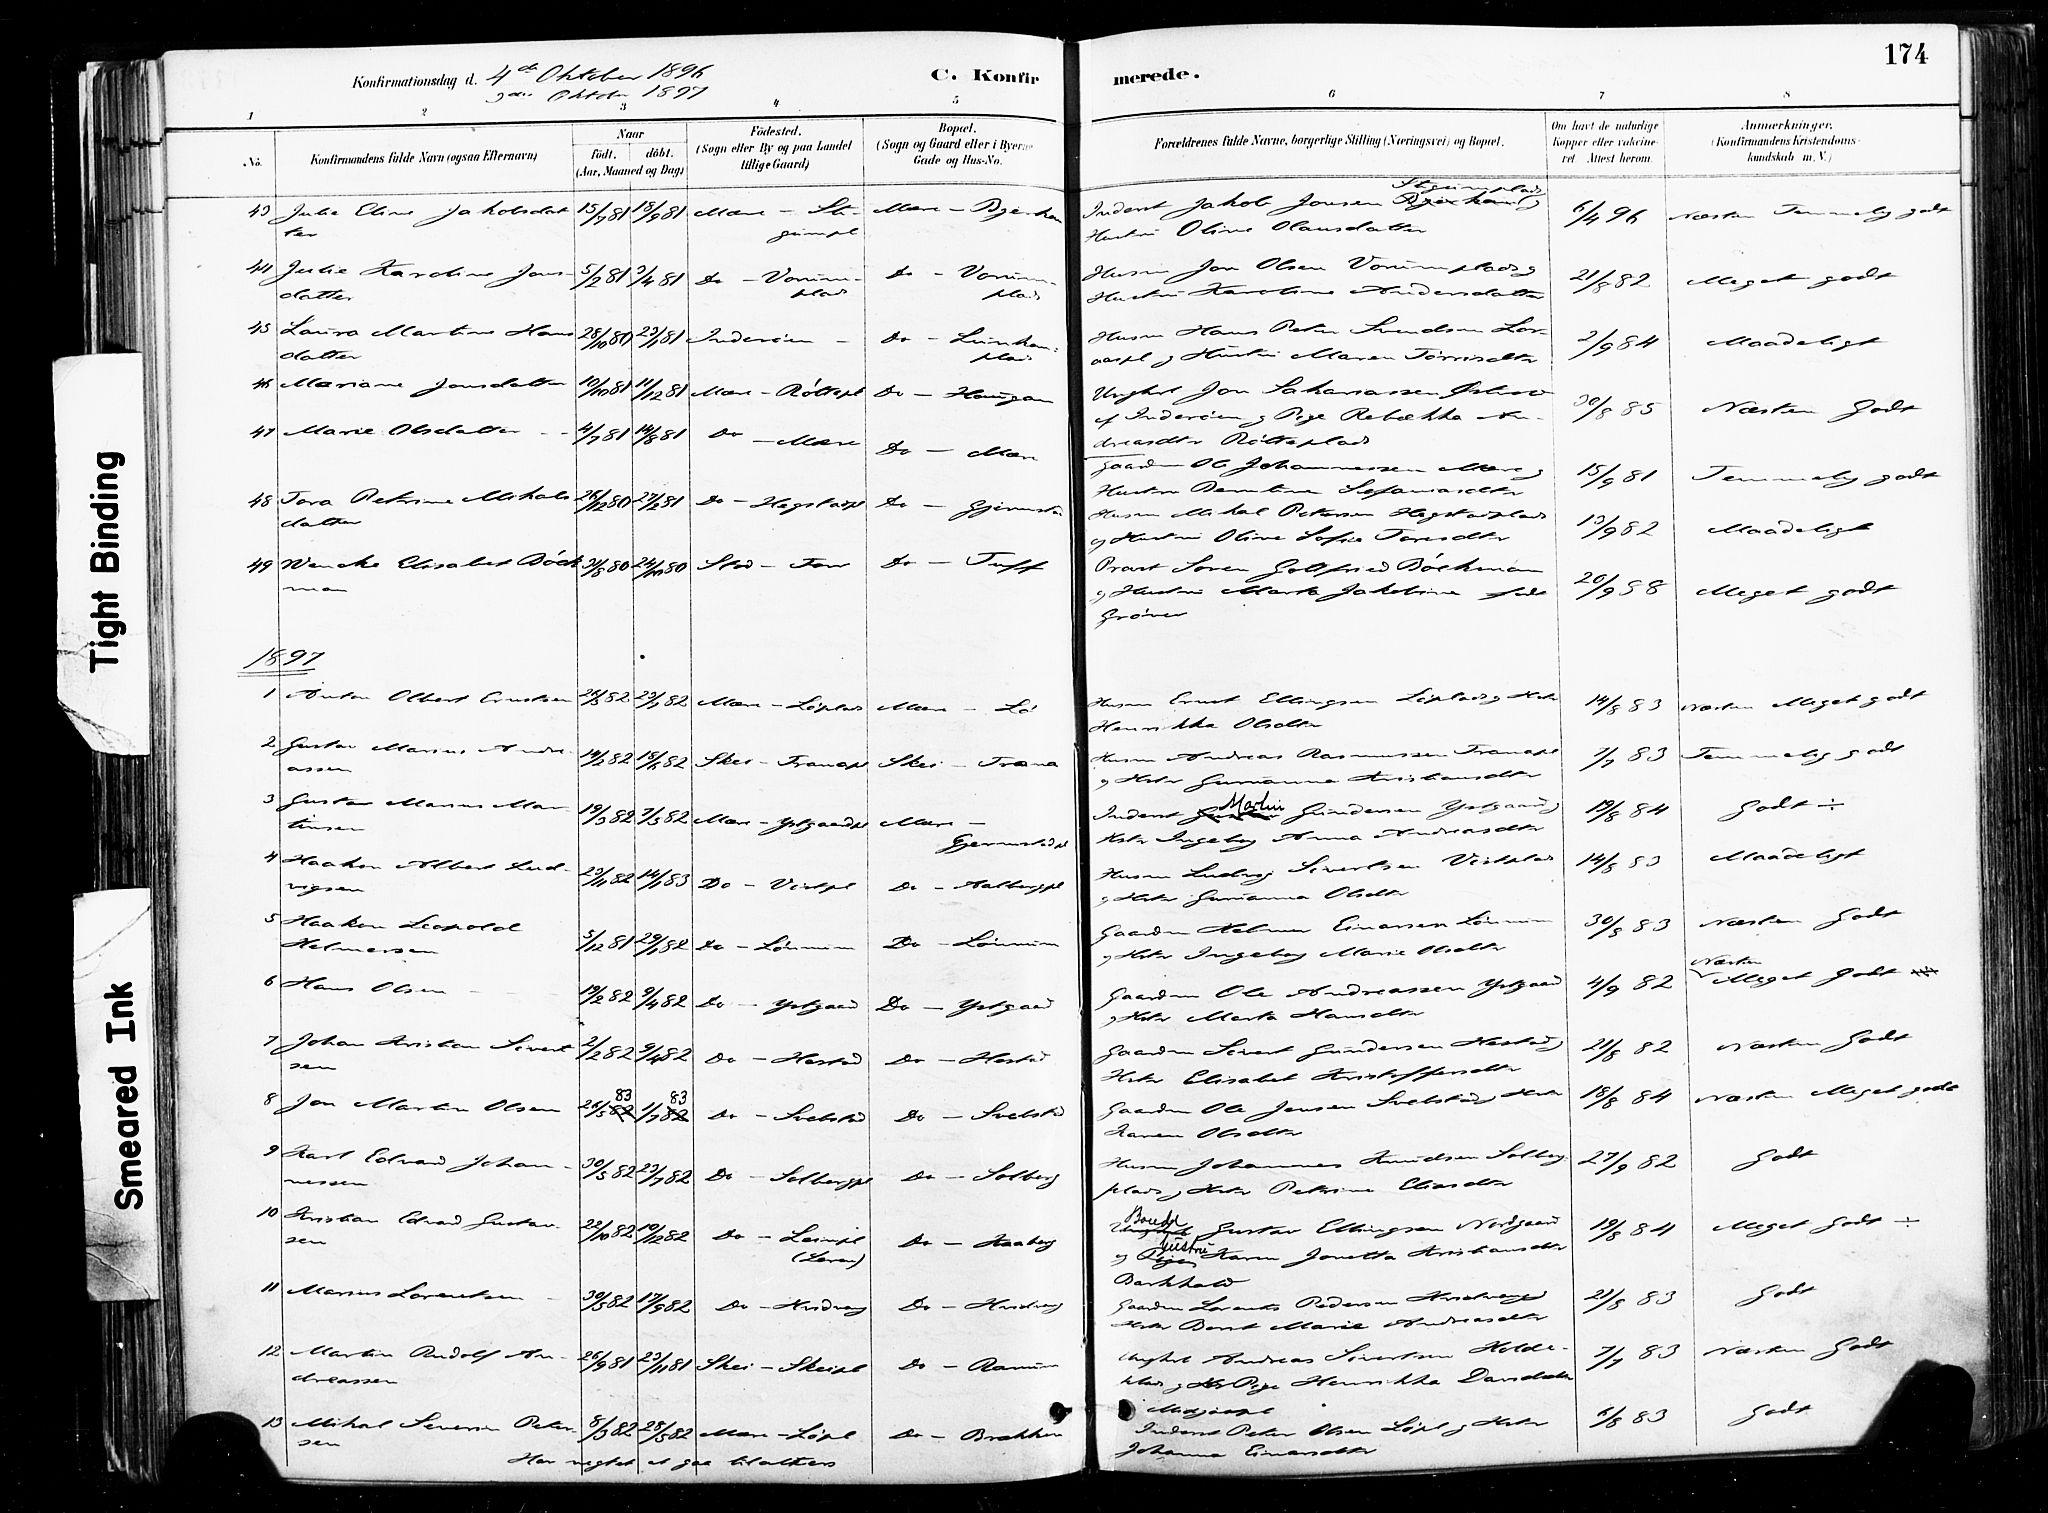 SAT, Ministerialprotokoller, klokkerbøker og fødselsregistre - Nord-Trøndelag, 735/L0351: Ministerialbok nr. 735A10, 1884-1908, s. 174